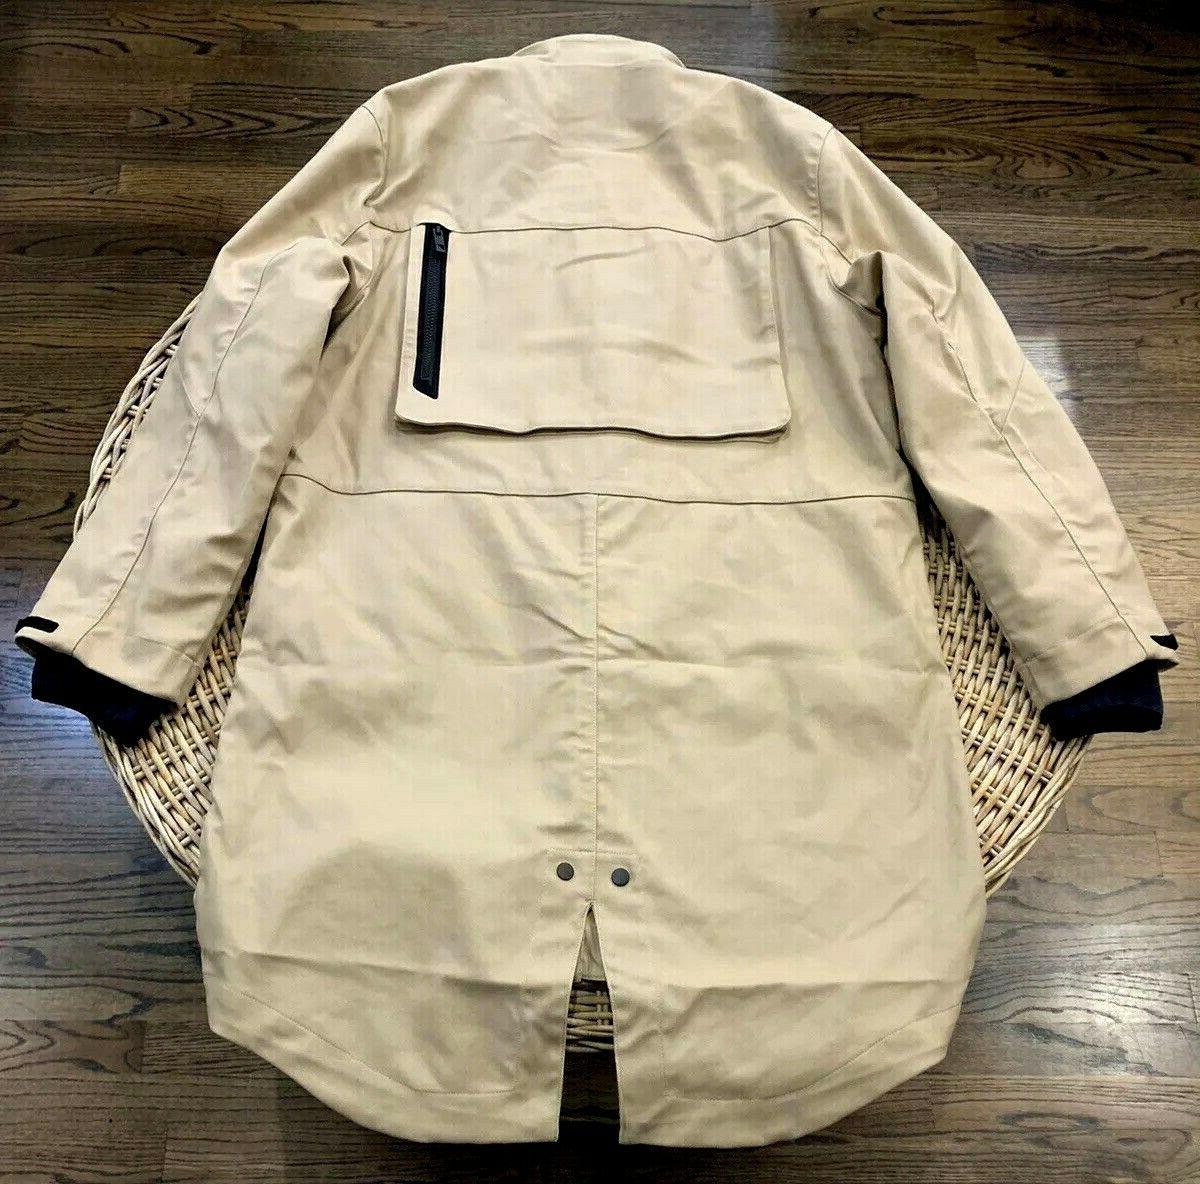 Under Armour Washed Parka Jacket 1316046 Size Large